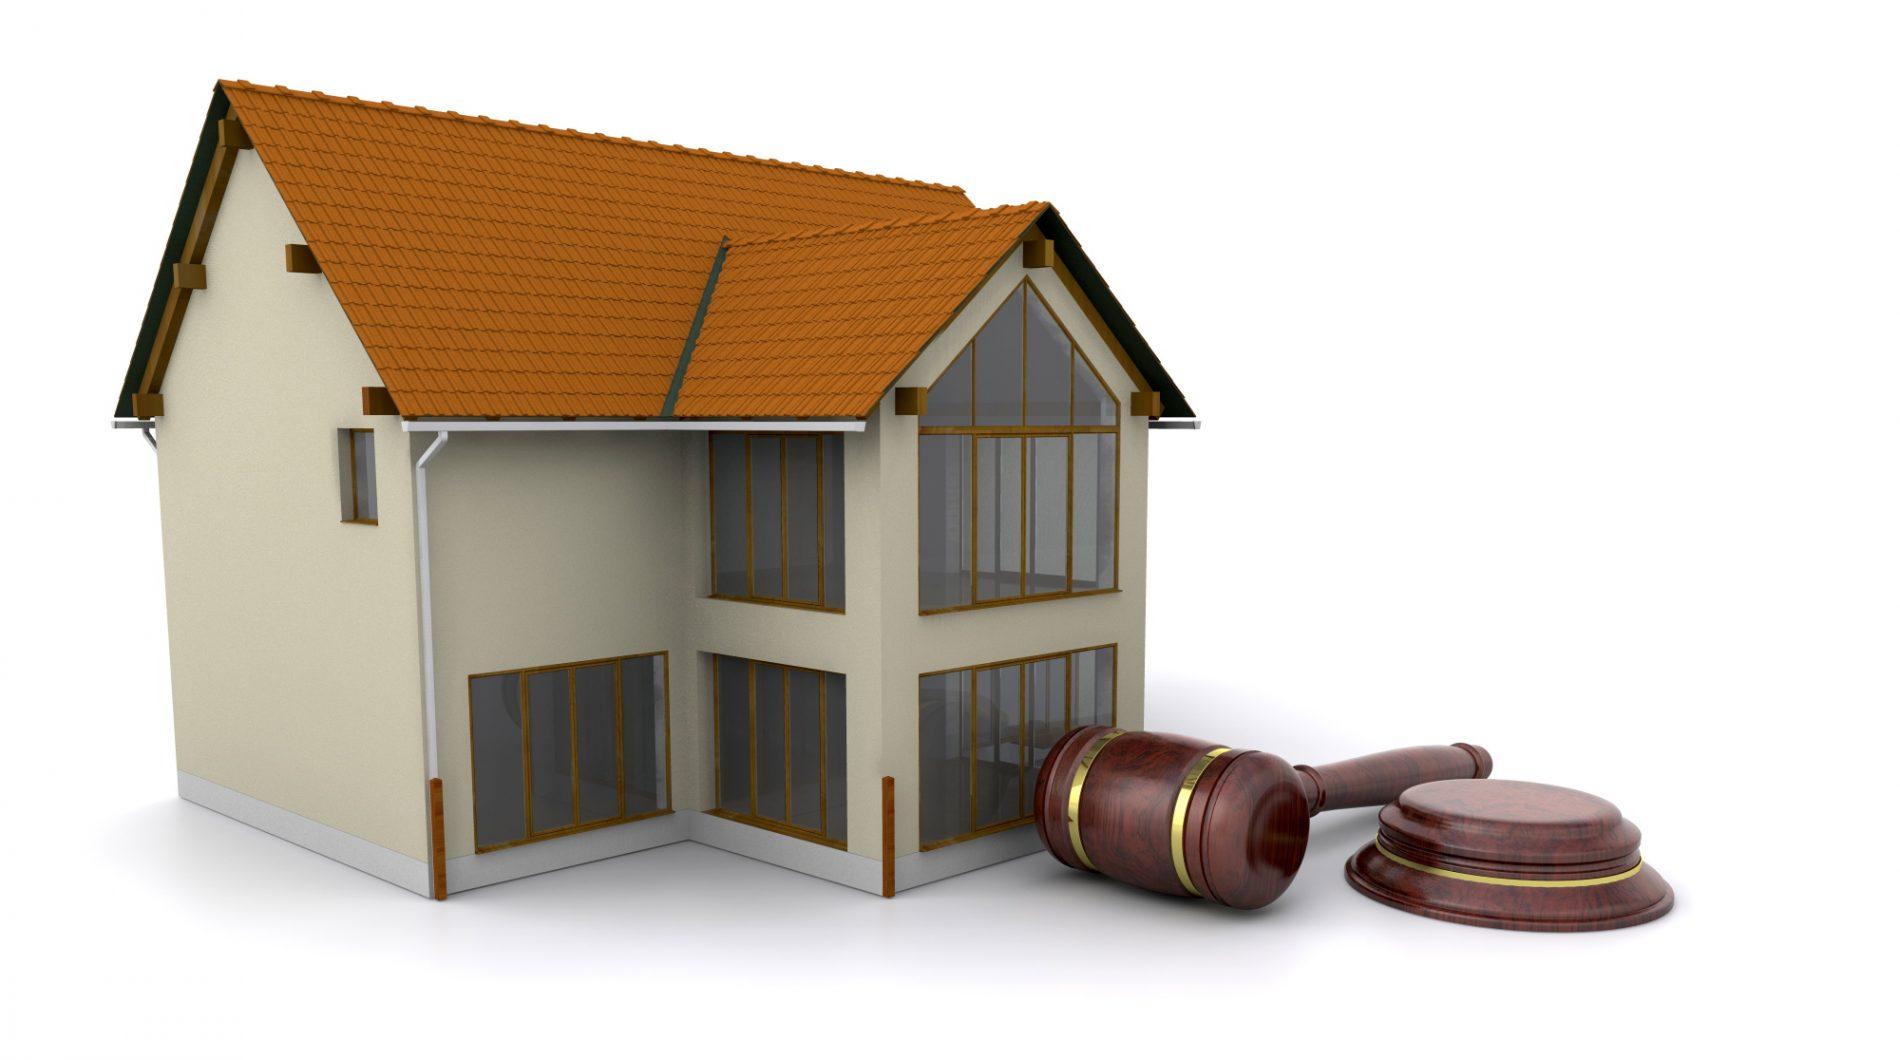 BARRETOS: Mulher tem imóvel de sua propriedade invadido por desconhecidos